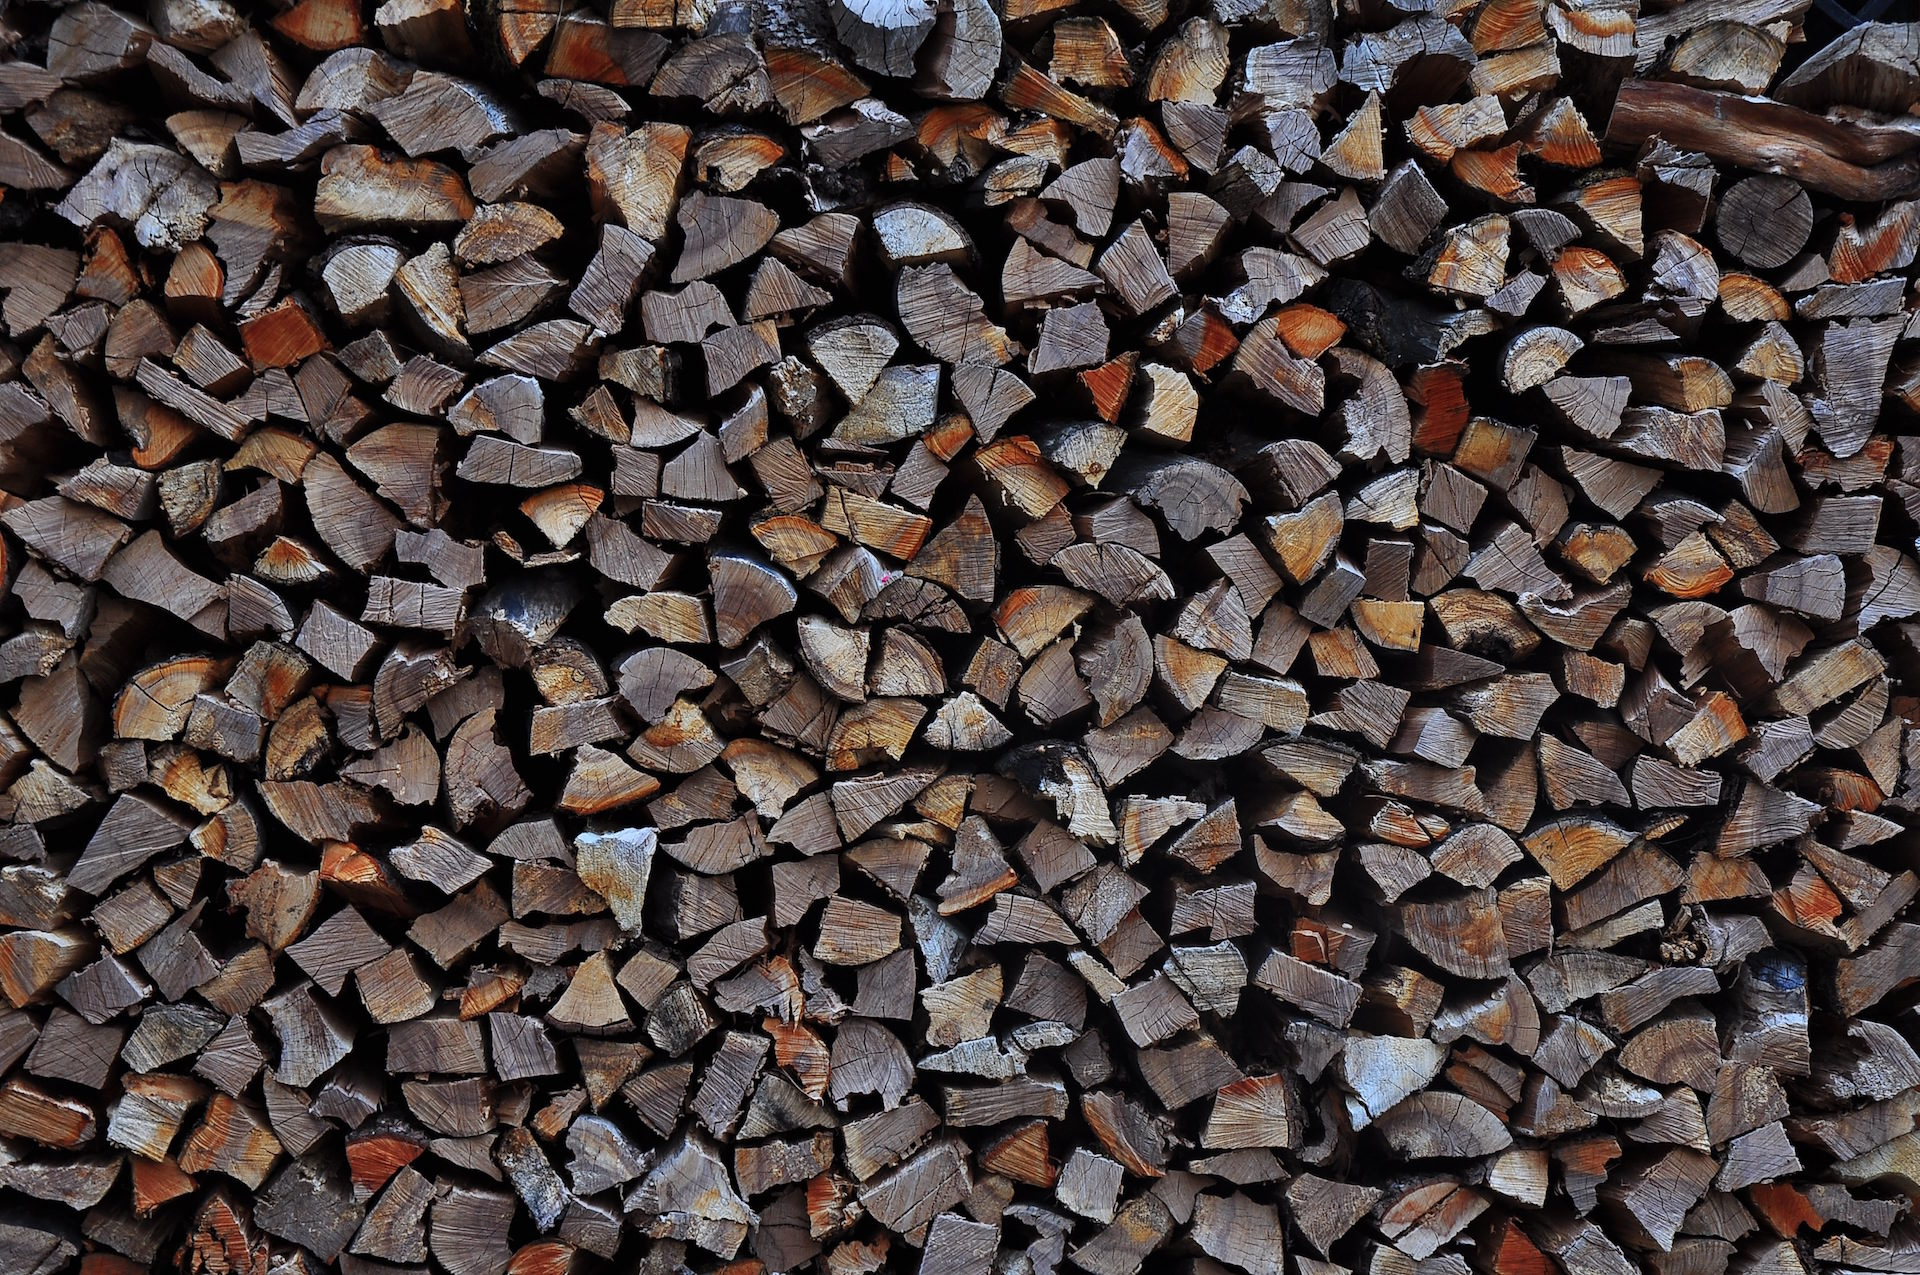 Floresta, troncos, veias, lenha, quantidade - Papéis de parede HD - Professor-falken.com